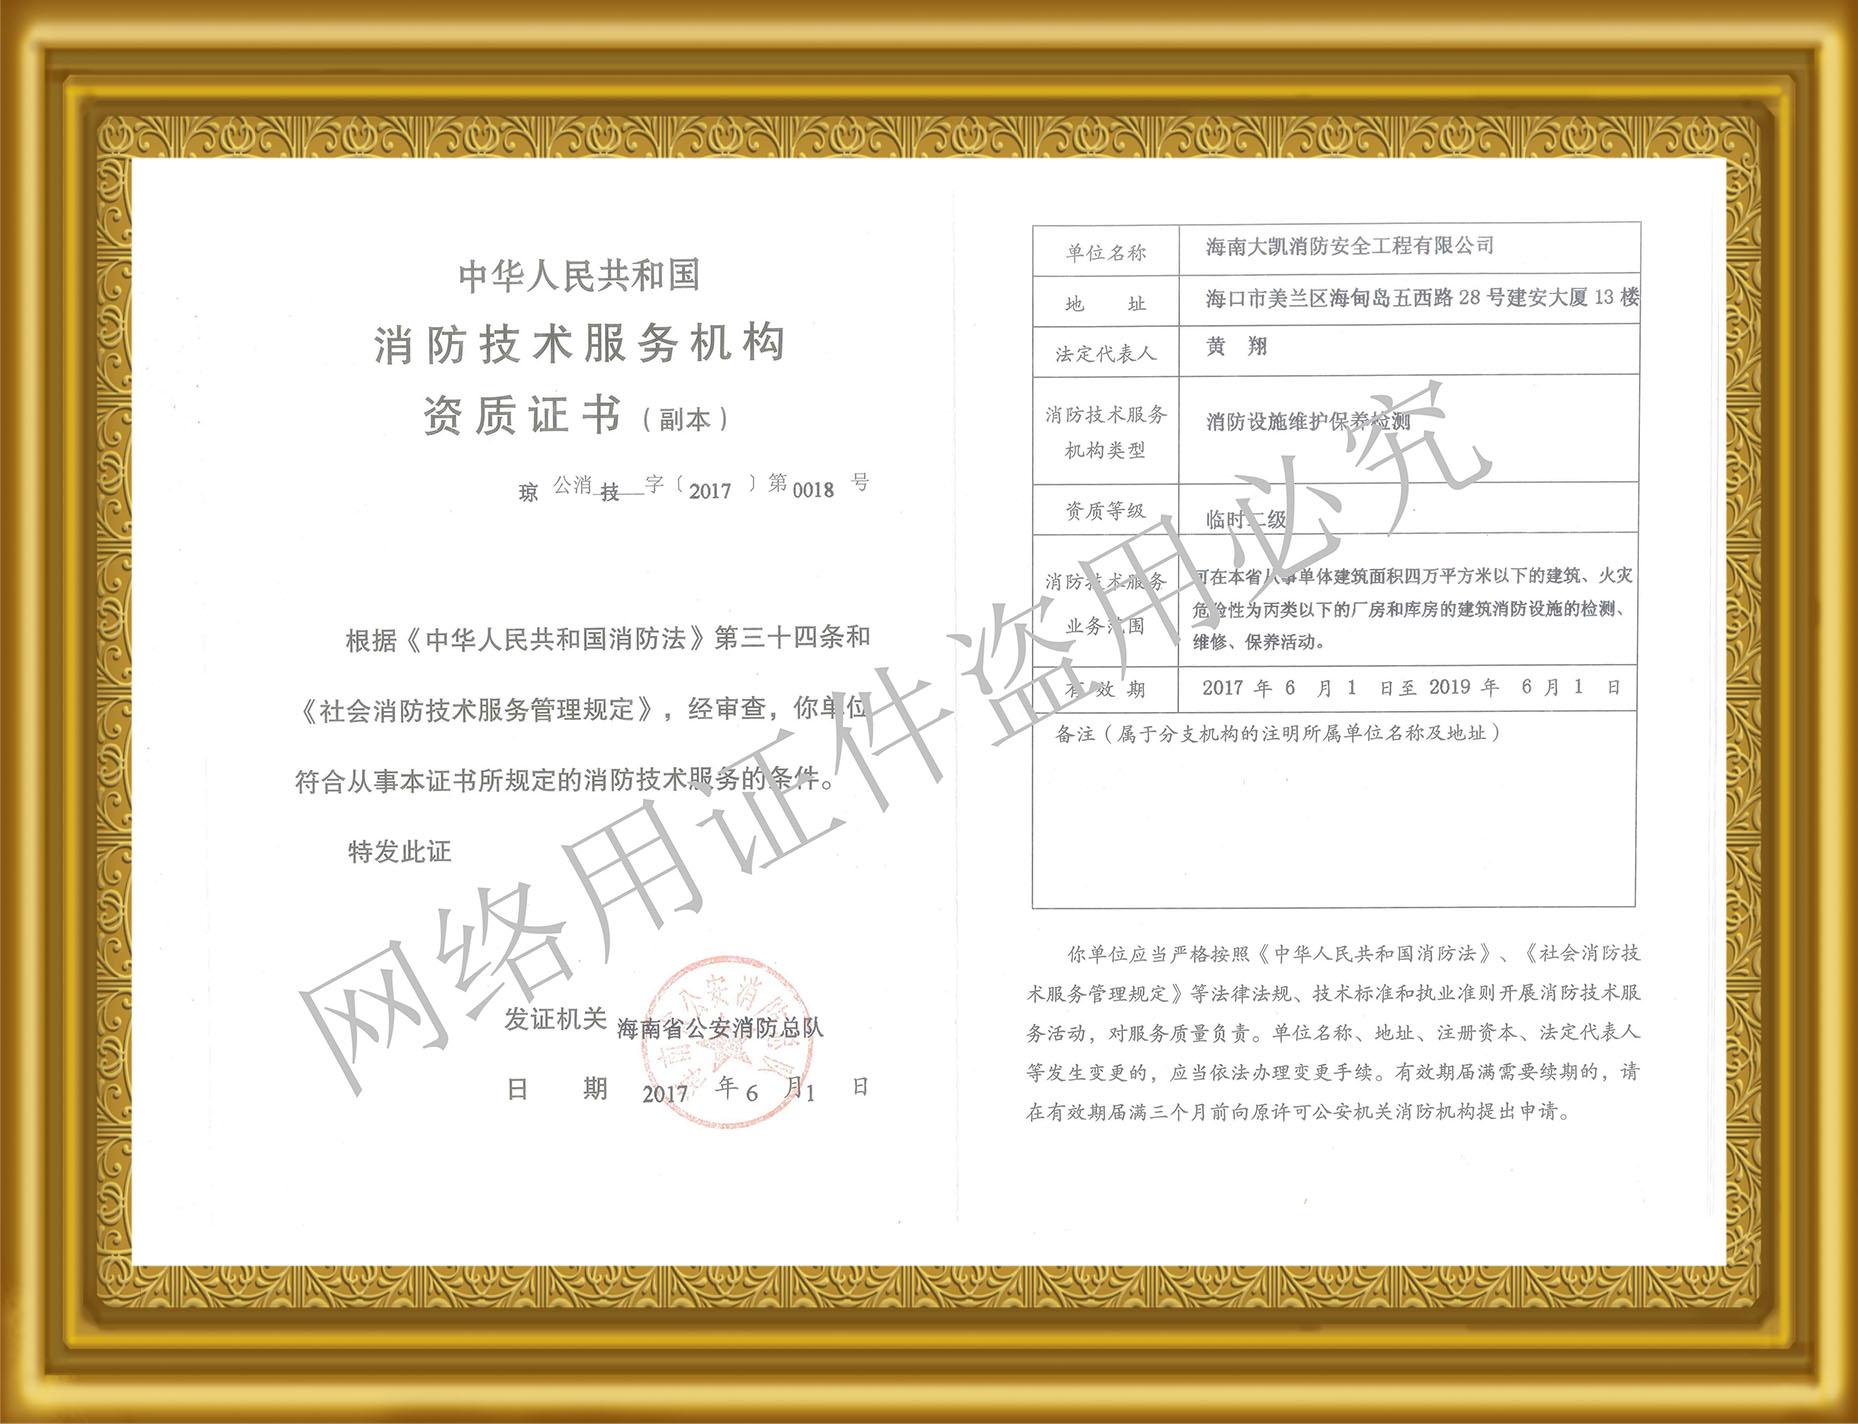 必威手机下载技术服务机构资质证书